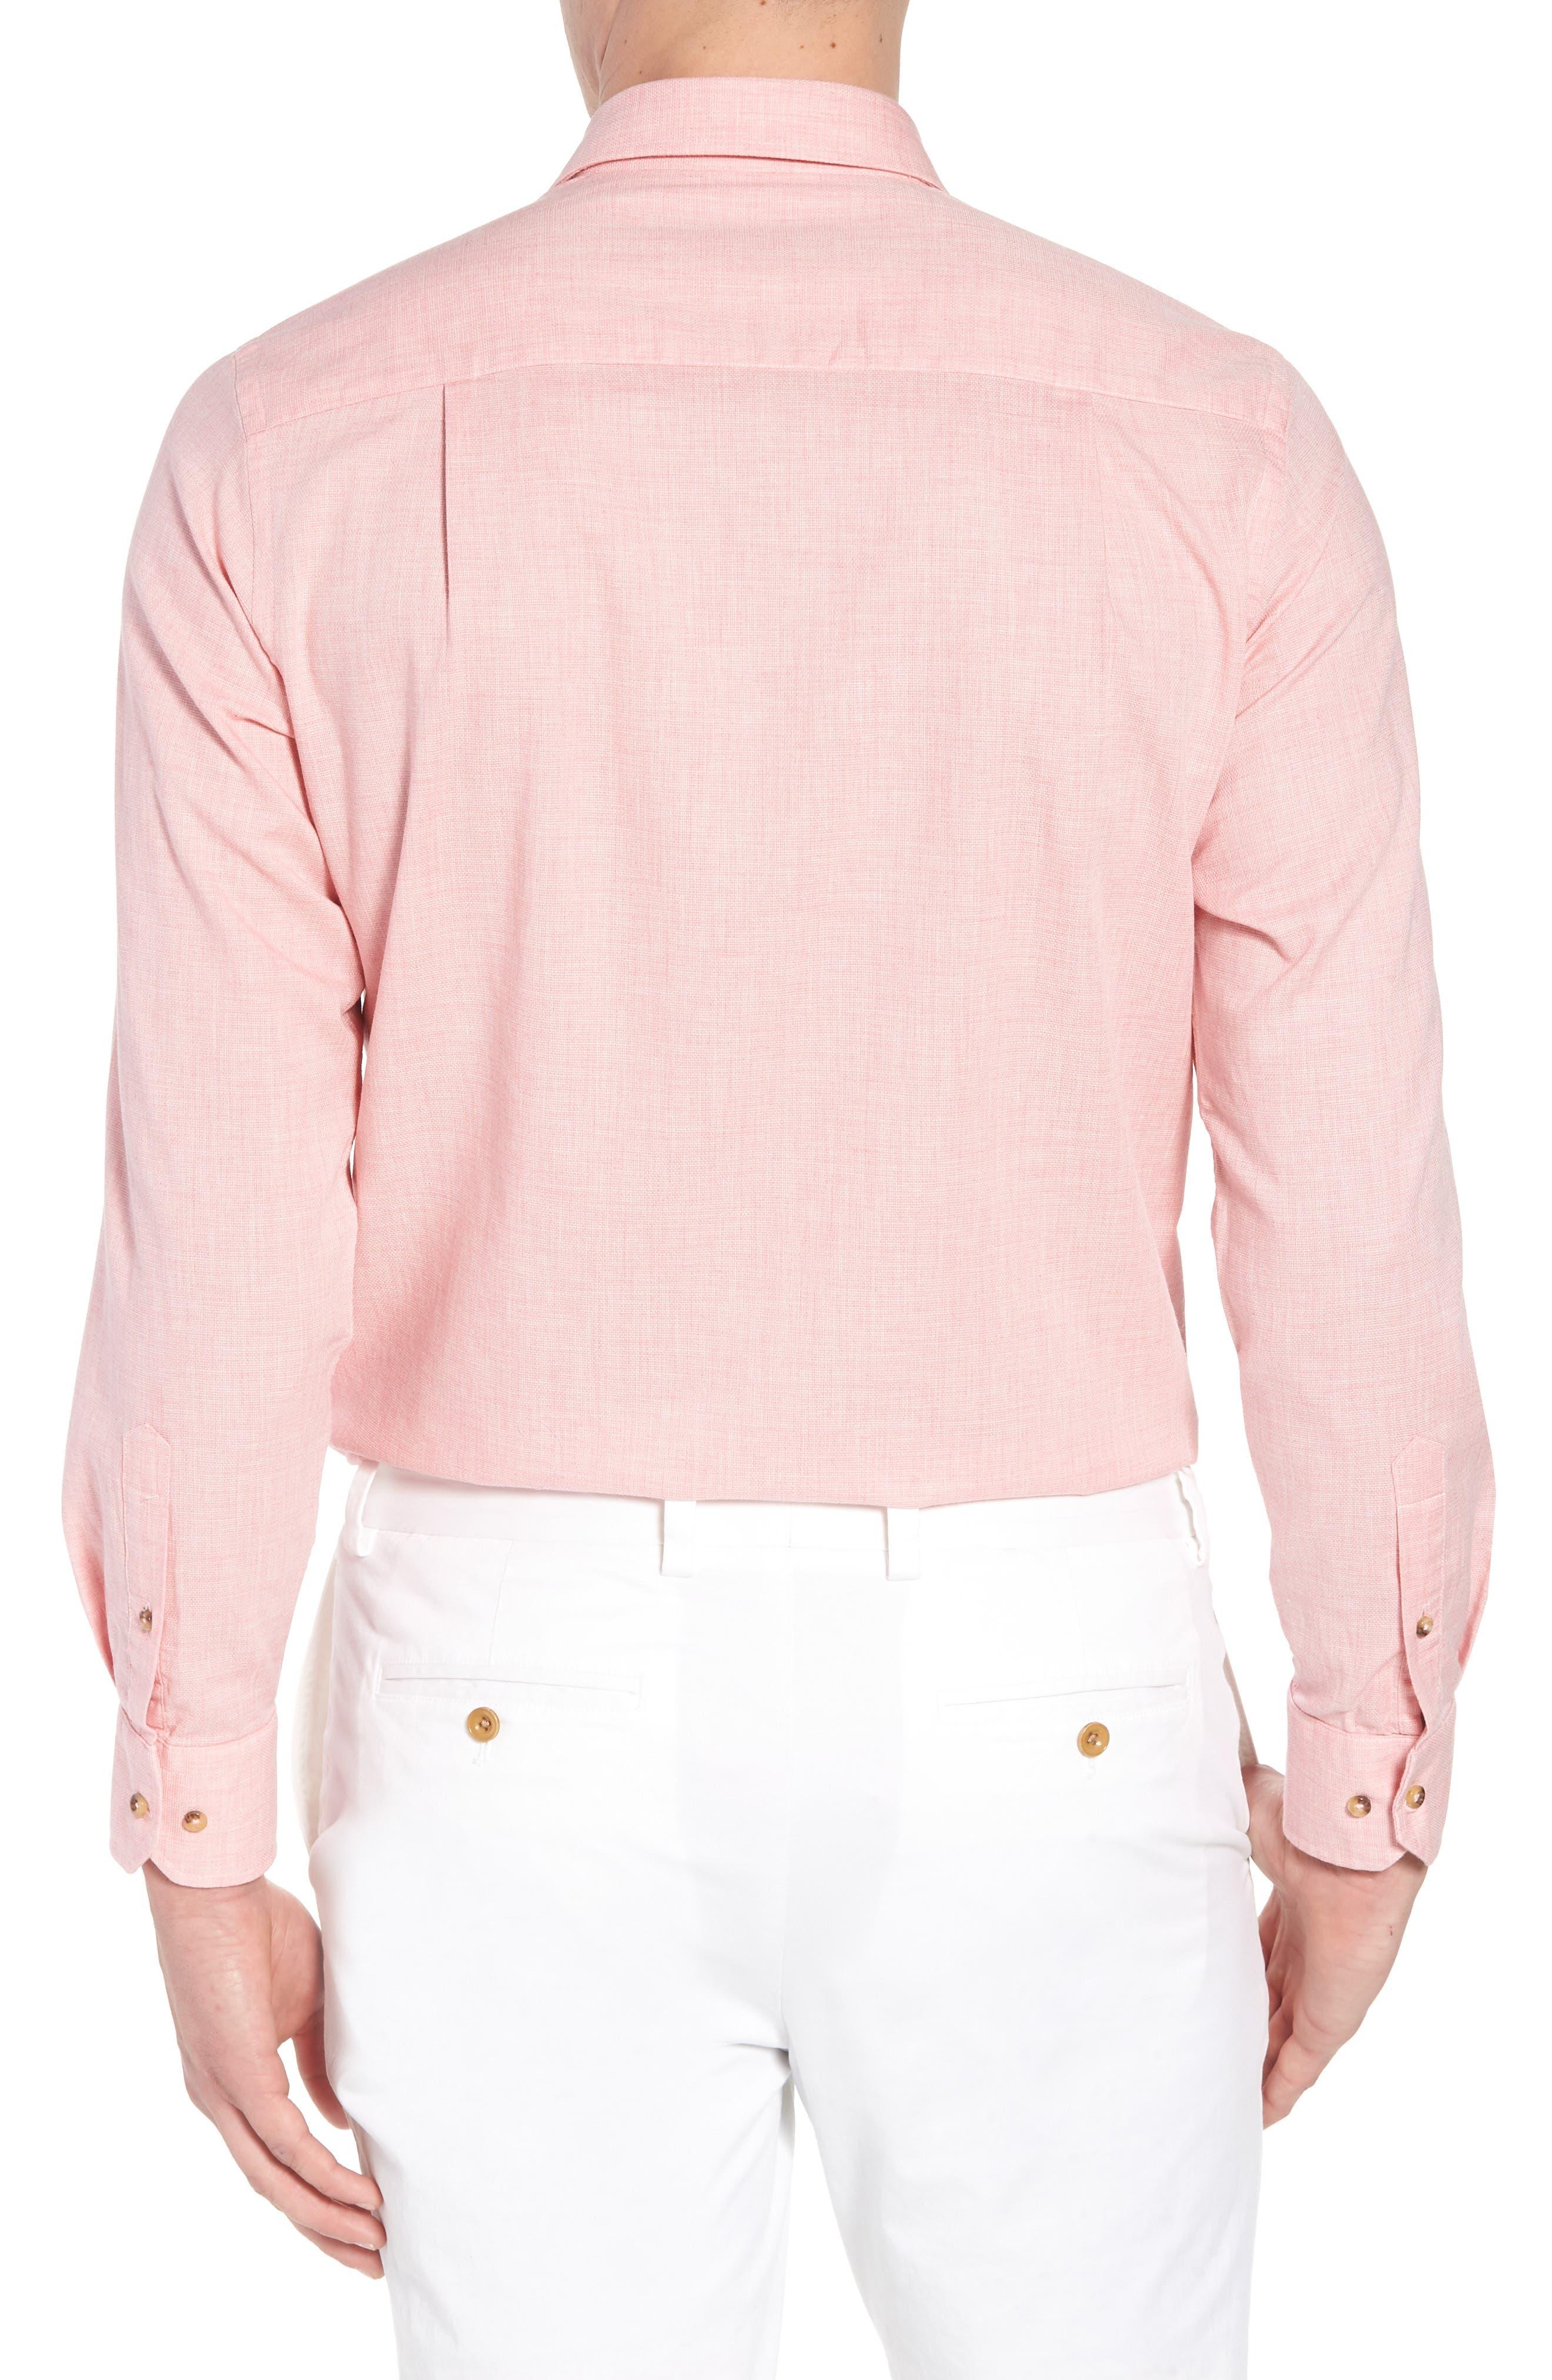 Regular Fit Garment Washed Mélange Sport Shirt,                             Alternate thumbnail 2, color,                             Pink